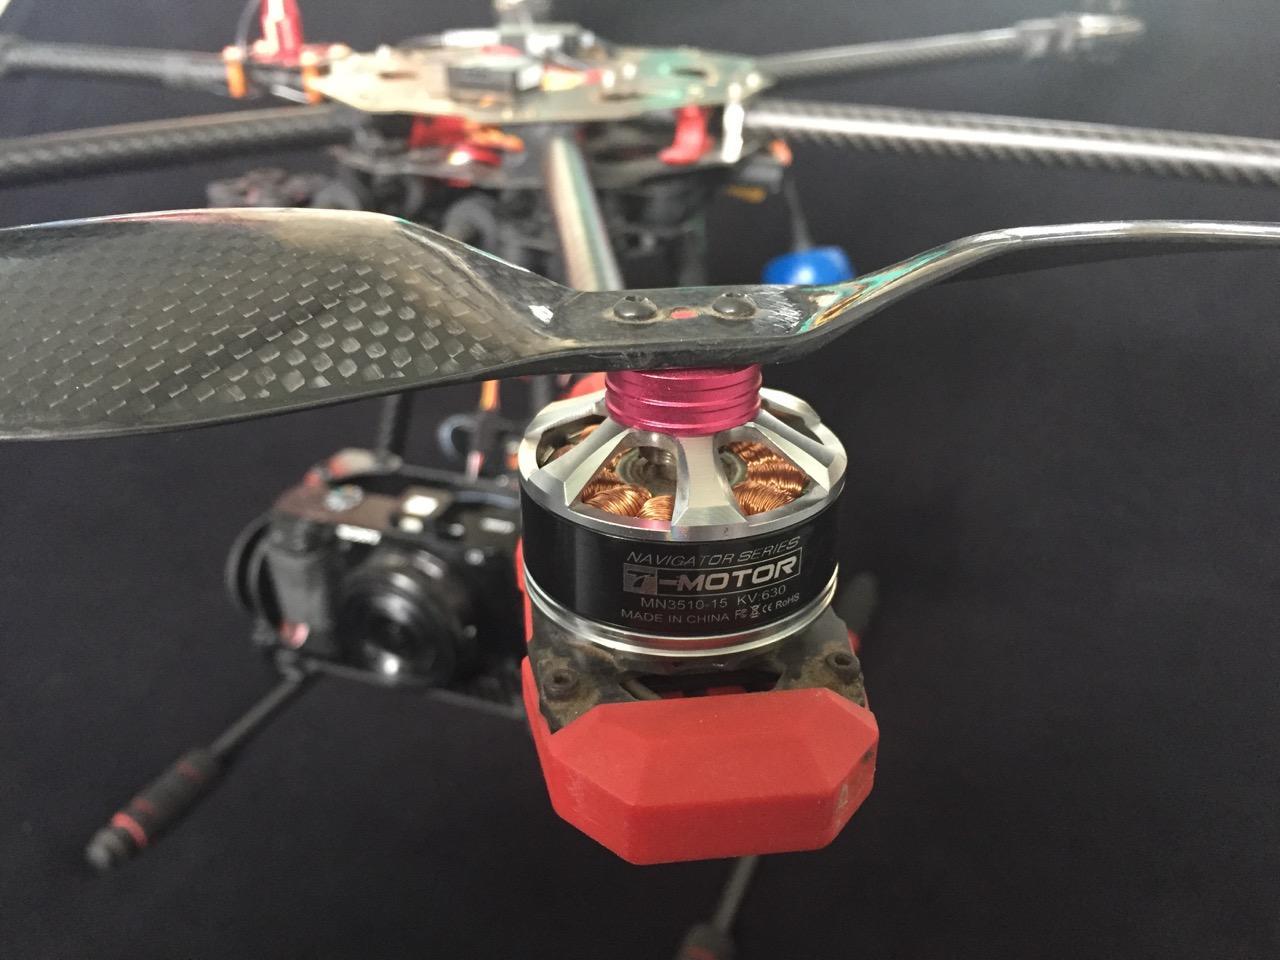 Tarot 680 Pro Extended 800mm Hexacopter! RTF - Great Pro